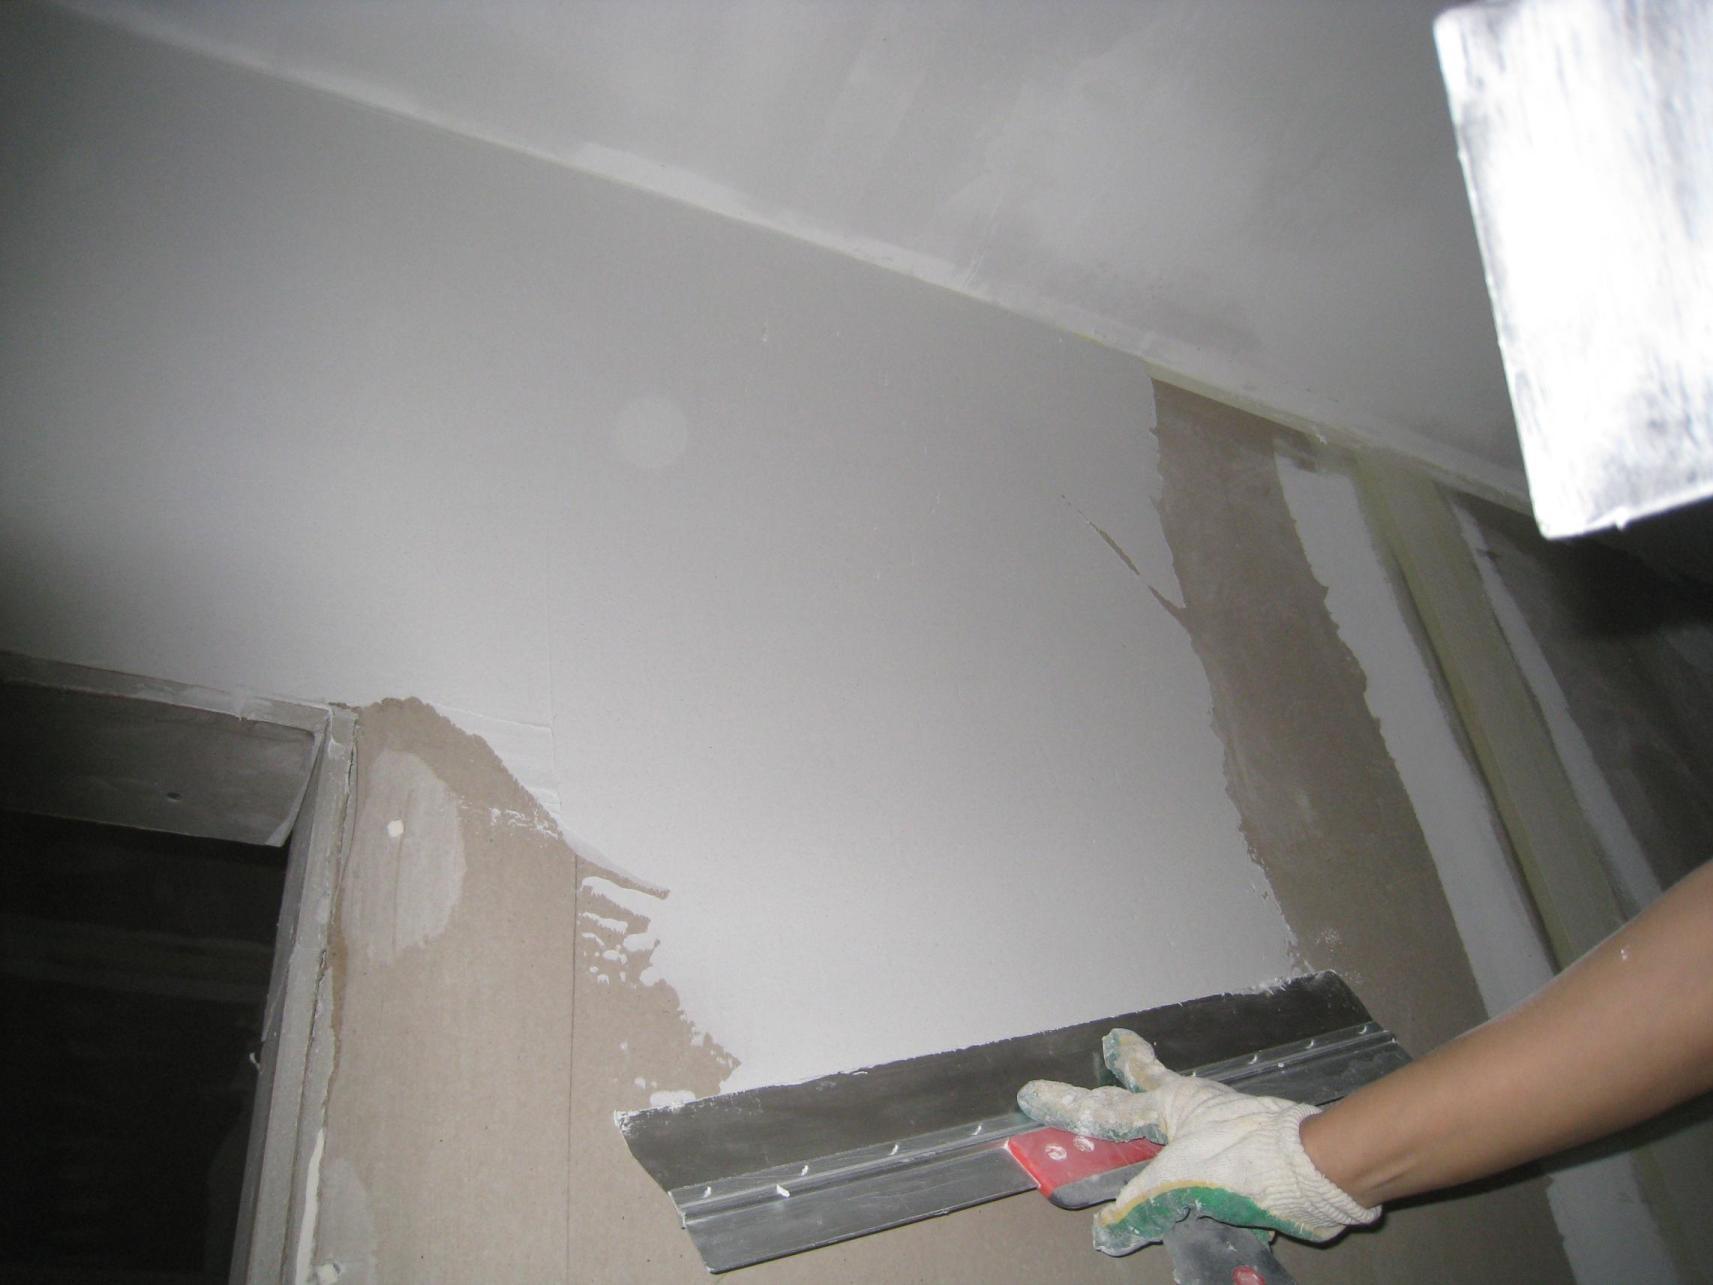 идея применения шпаклевки для стен в отделке квартиры